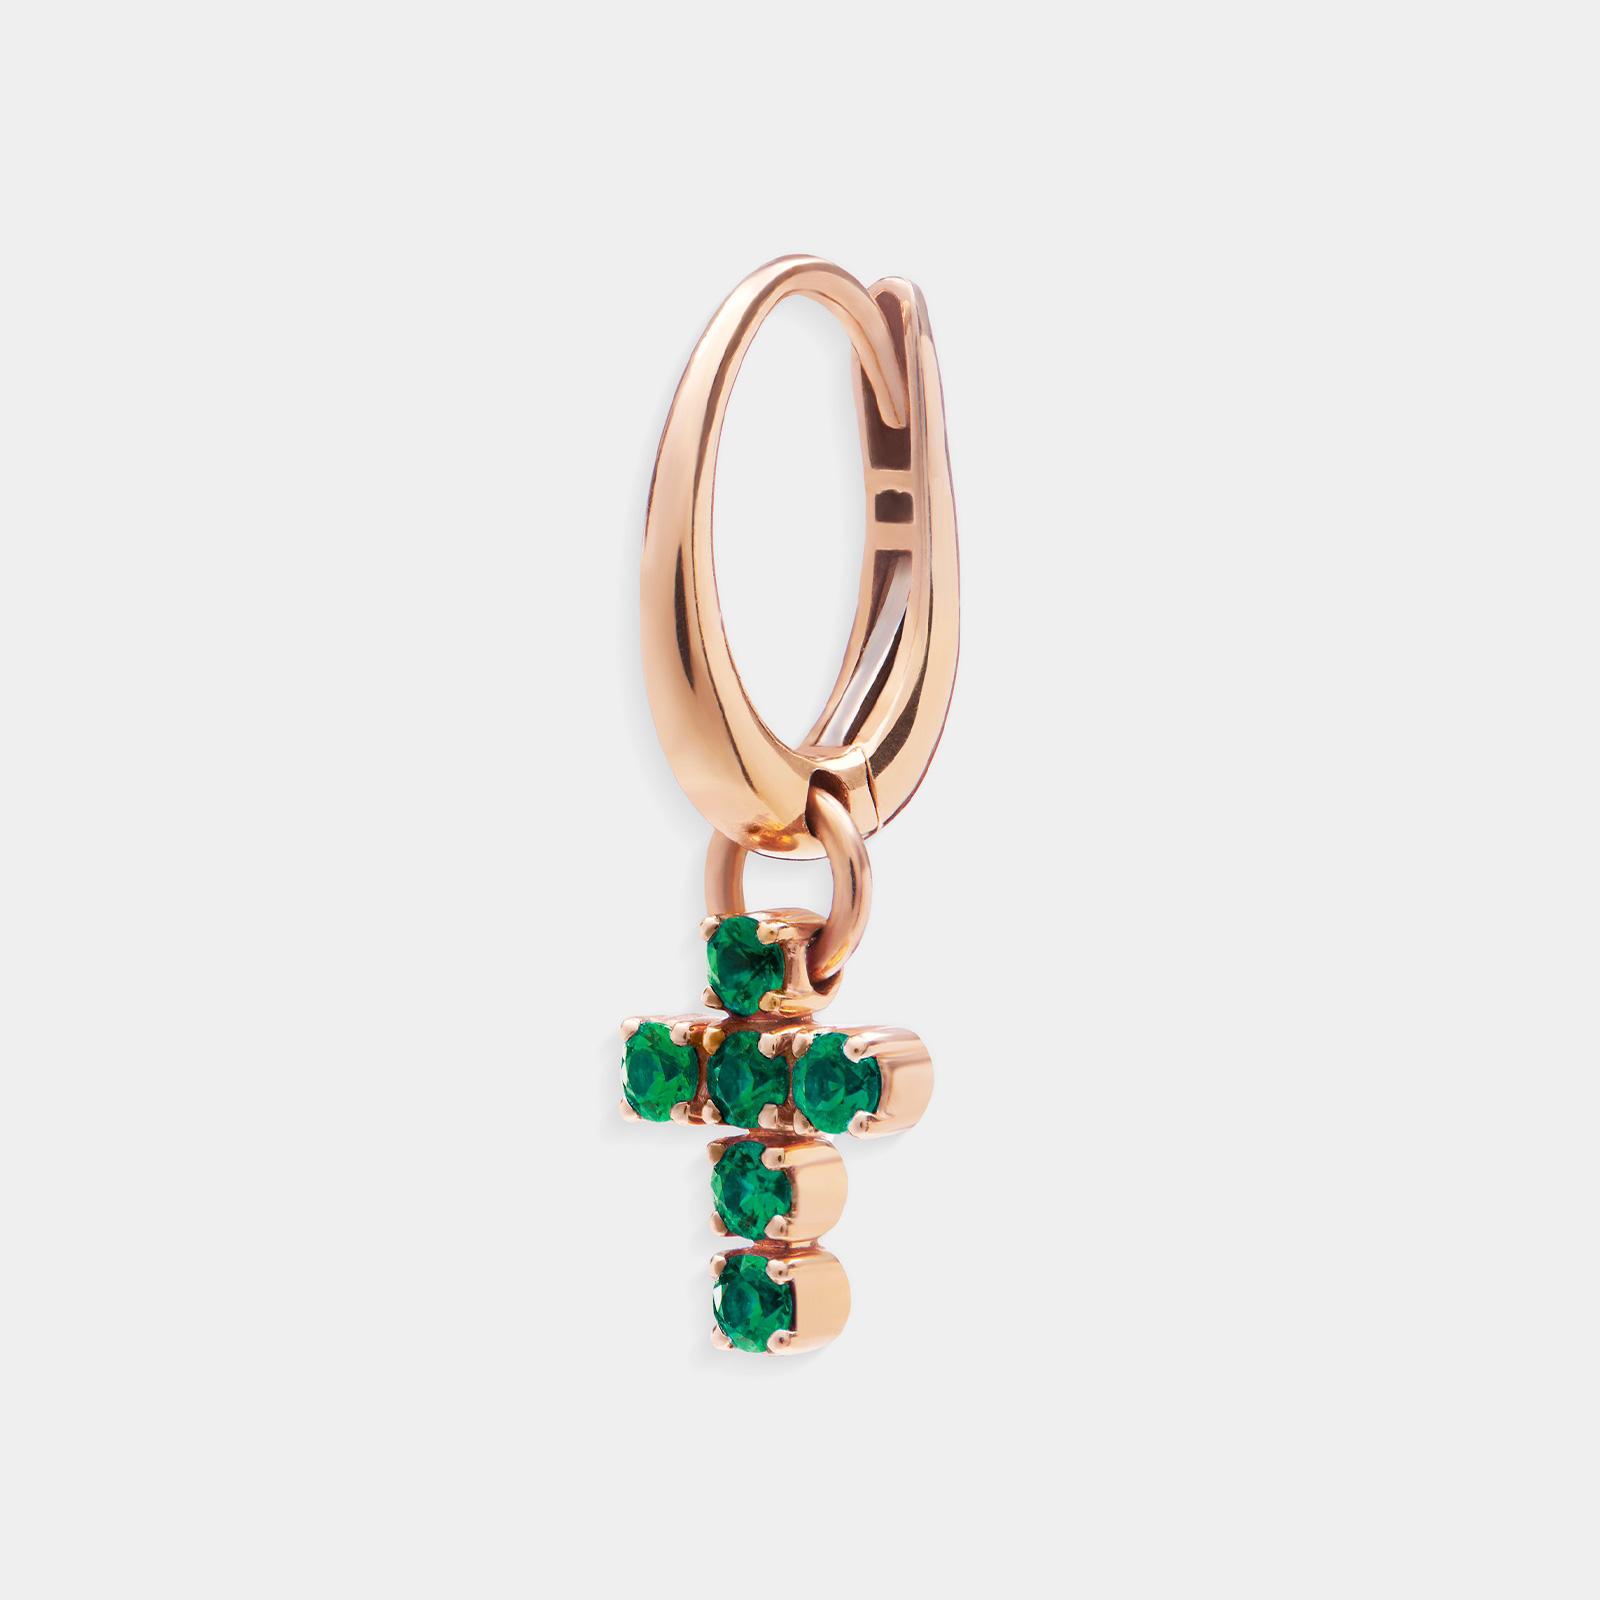 Mono Orecchino pendente in oro rosa con croce di smeraldi - Rosanna Cattolico gioielli